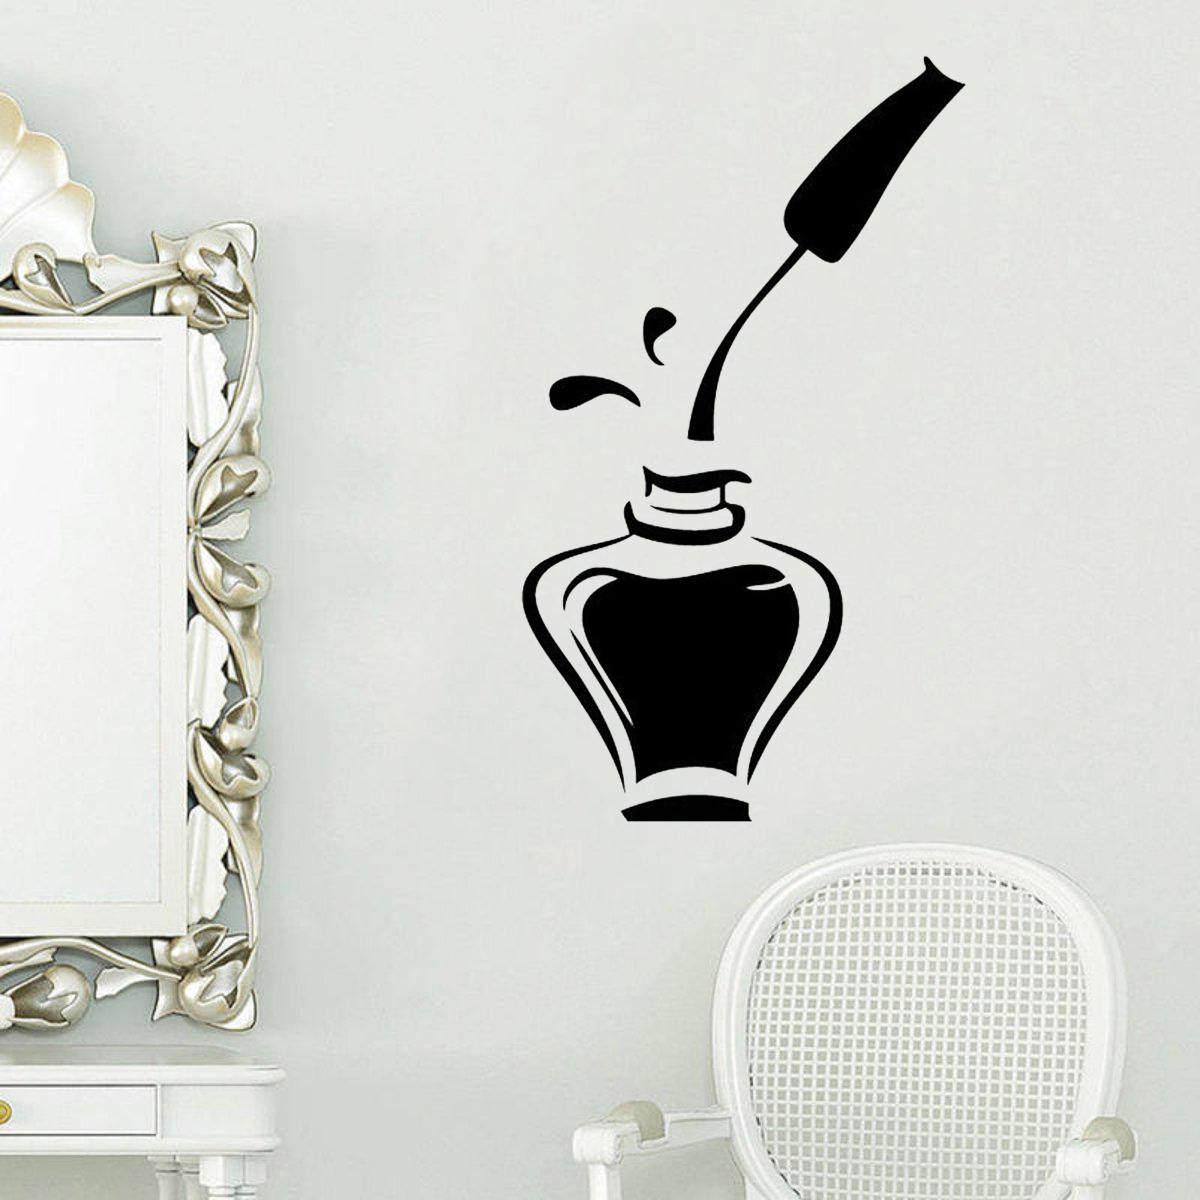 Princess Nail Art Salon Manicure Game For Girls Free: Nail Polish Beauty Manicure Salon Wall Sticker Window